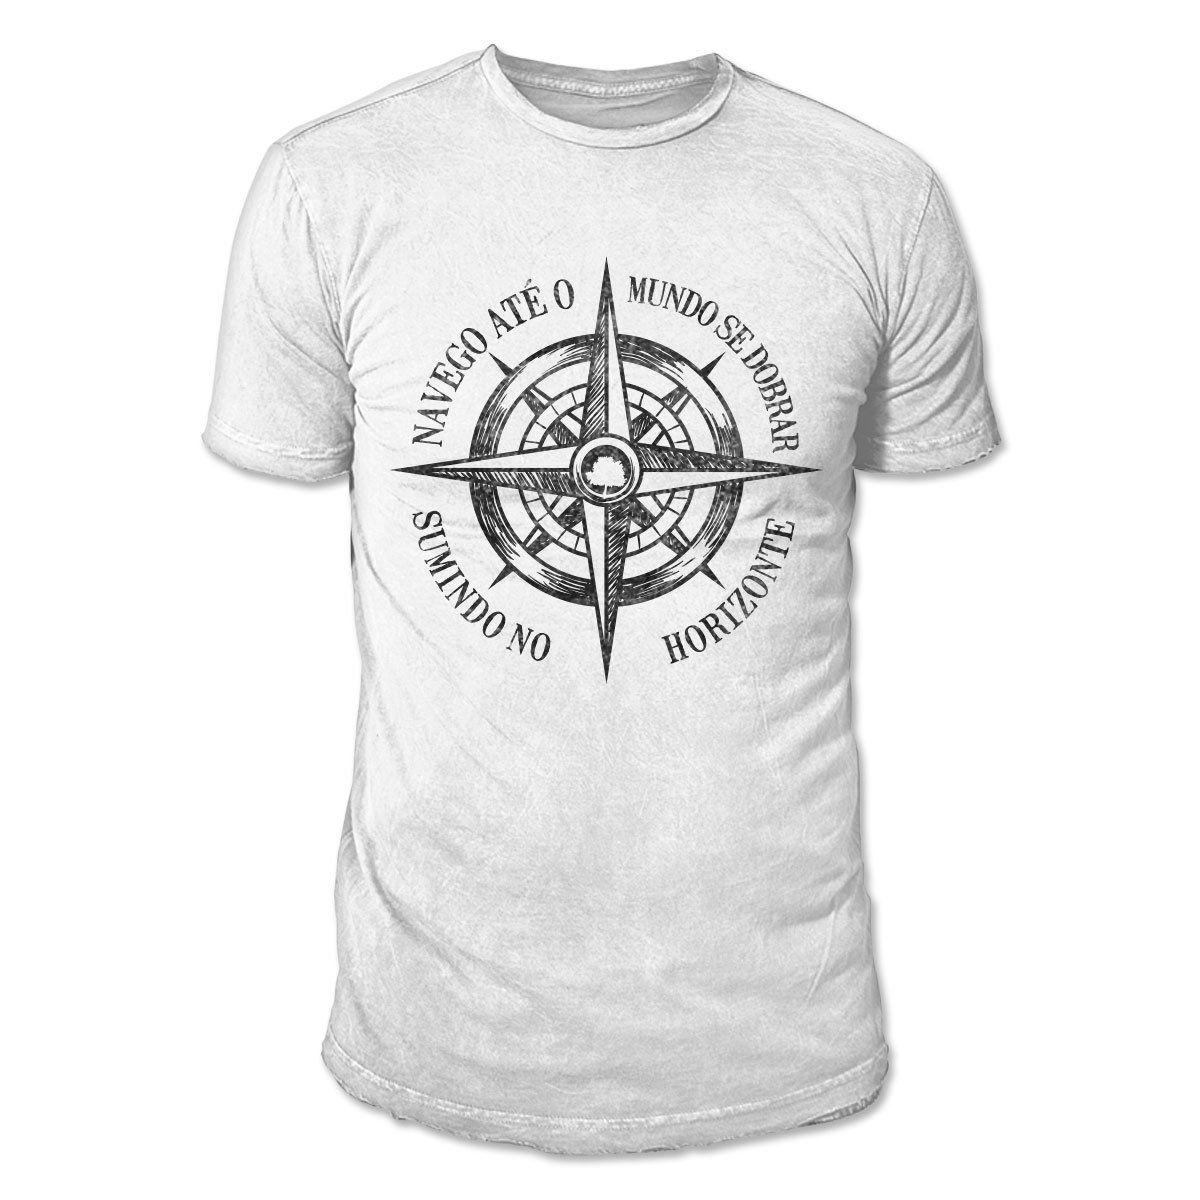 Camiseta Masculina Fresno - Navego Até o Mundo Se Dobrar 3